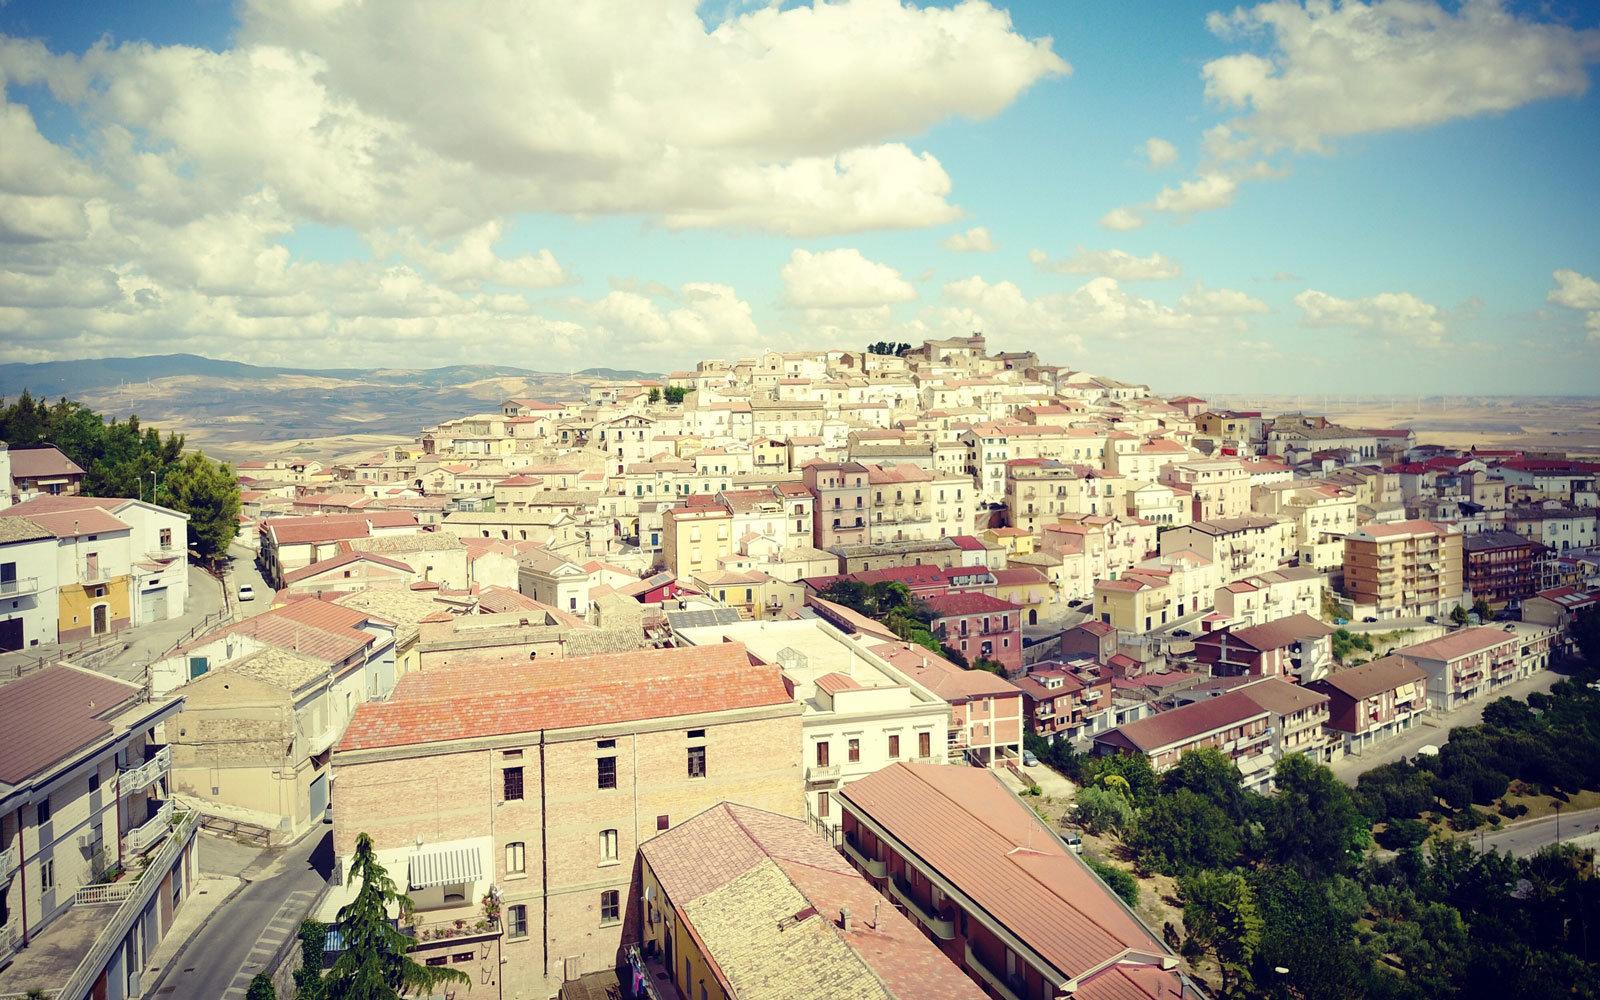 Quer viver na Itália? A cidade de Candela está pagando para quem quiser mudar para lá 06